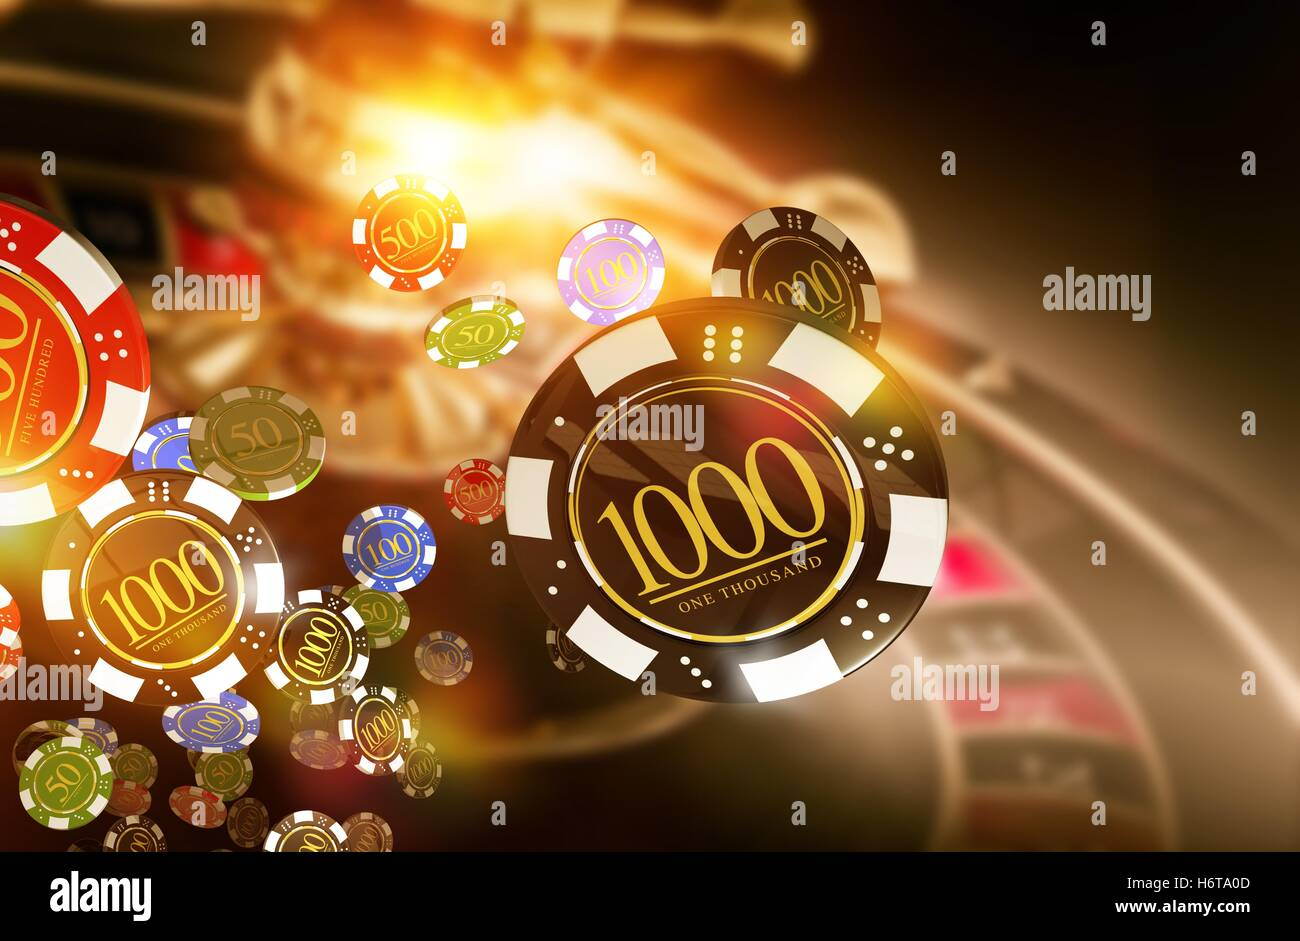 golden casino roulette chips